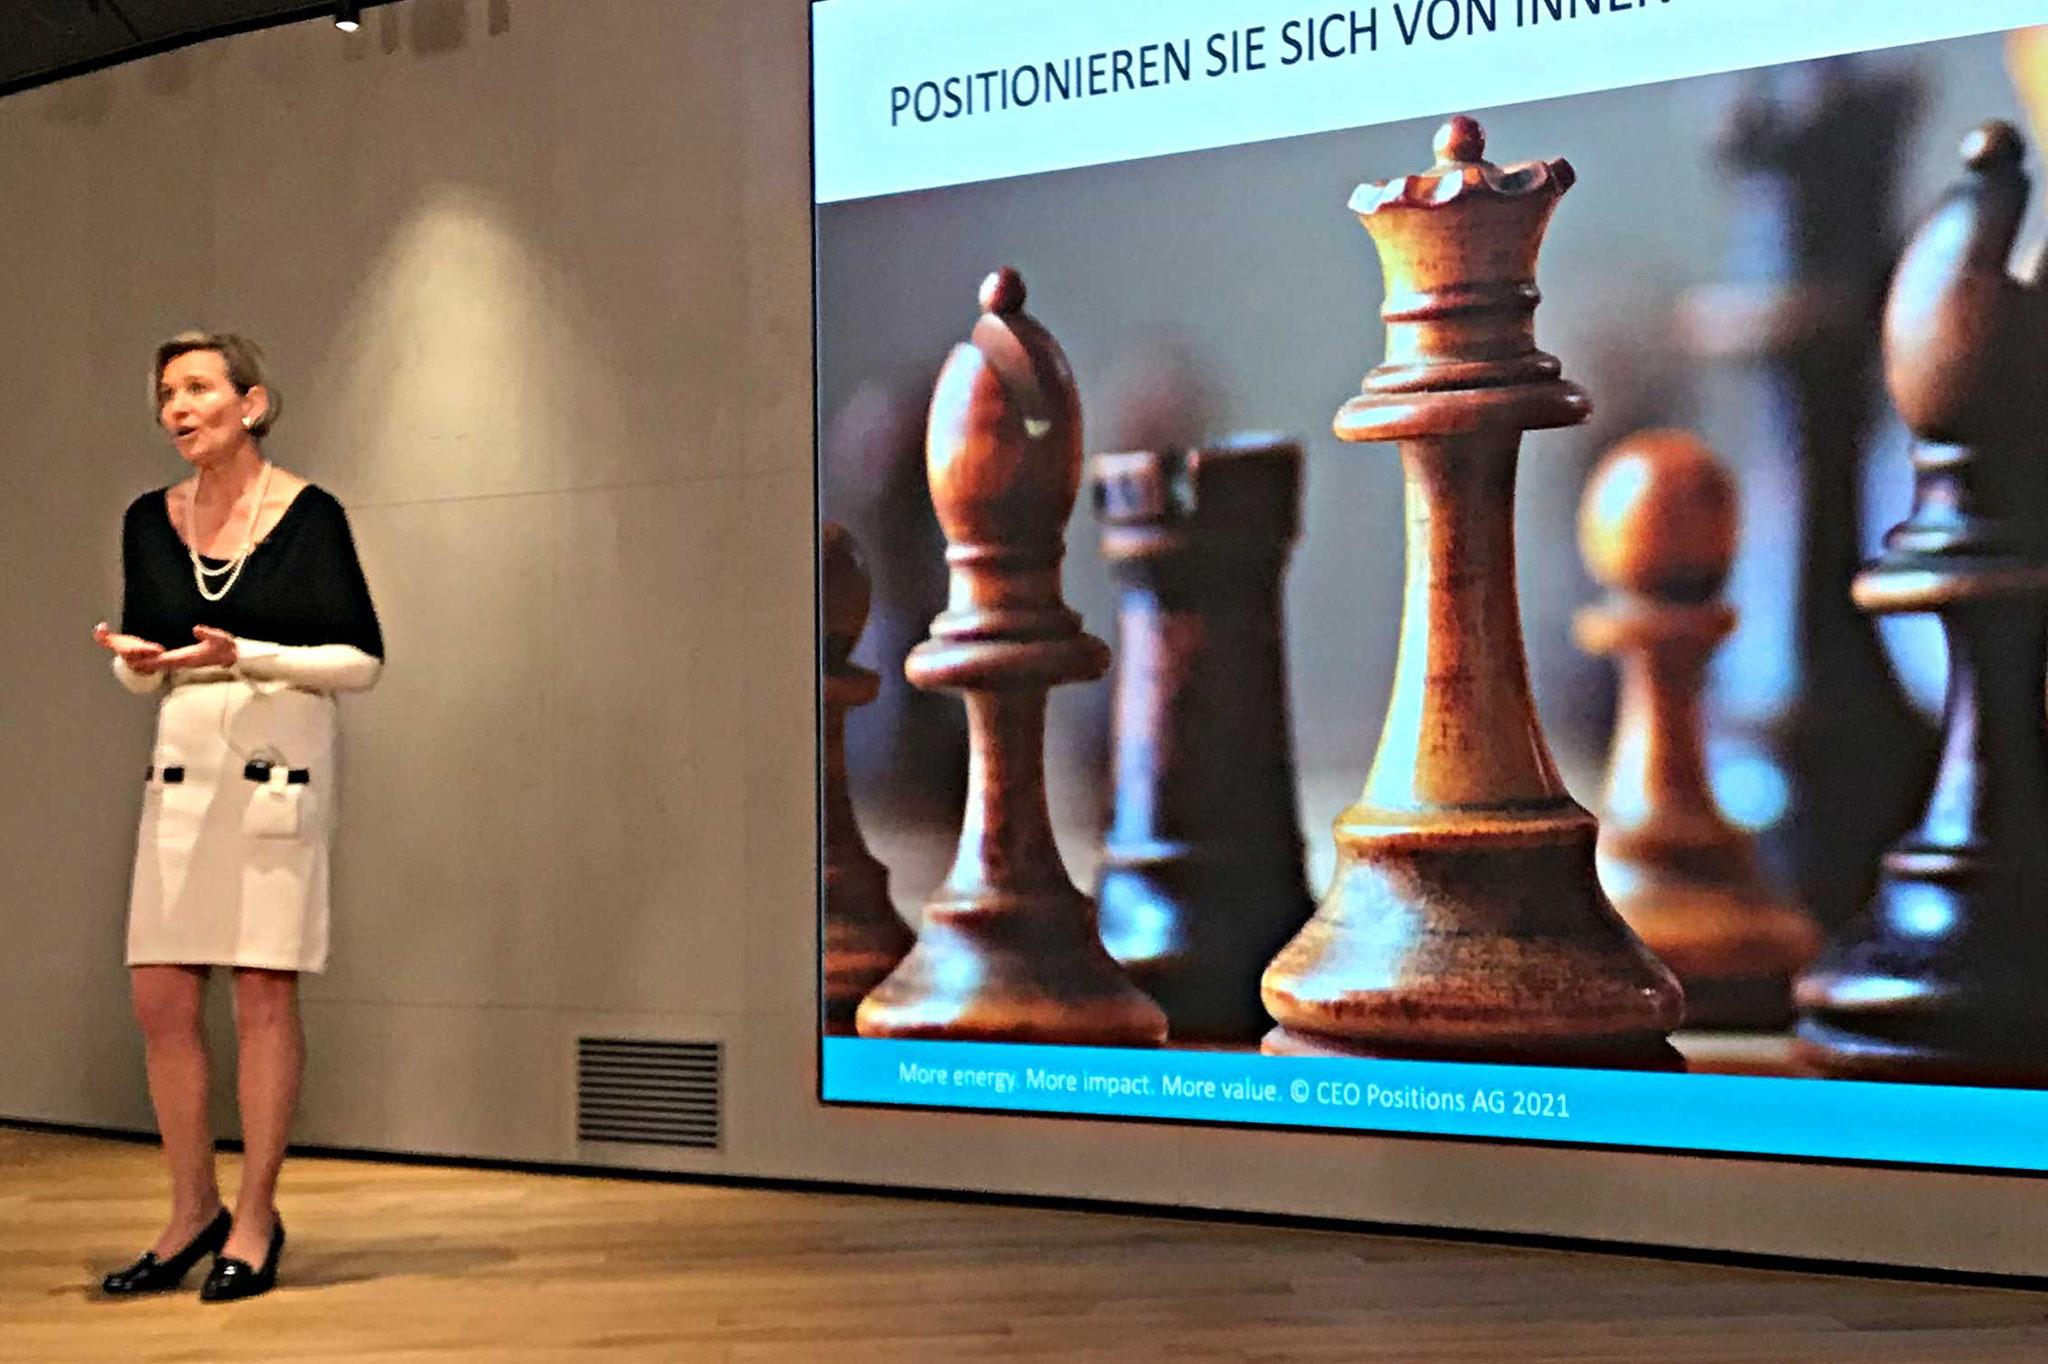 Susanne Müller Zantop: Positionieren Sie sich!